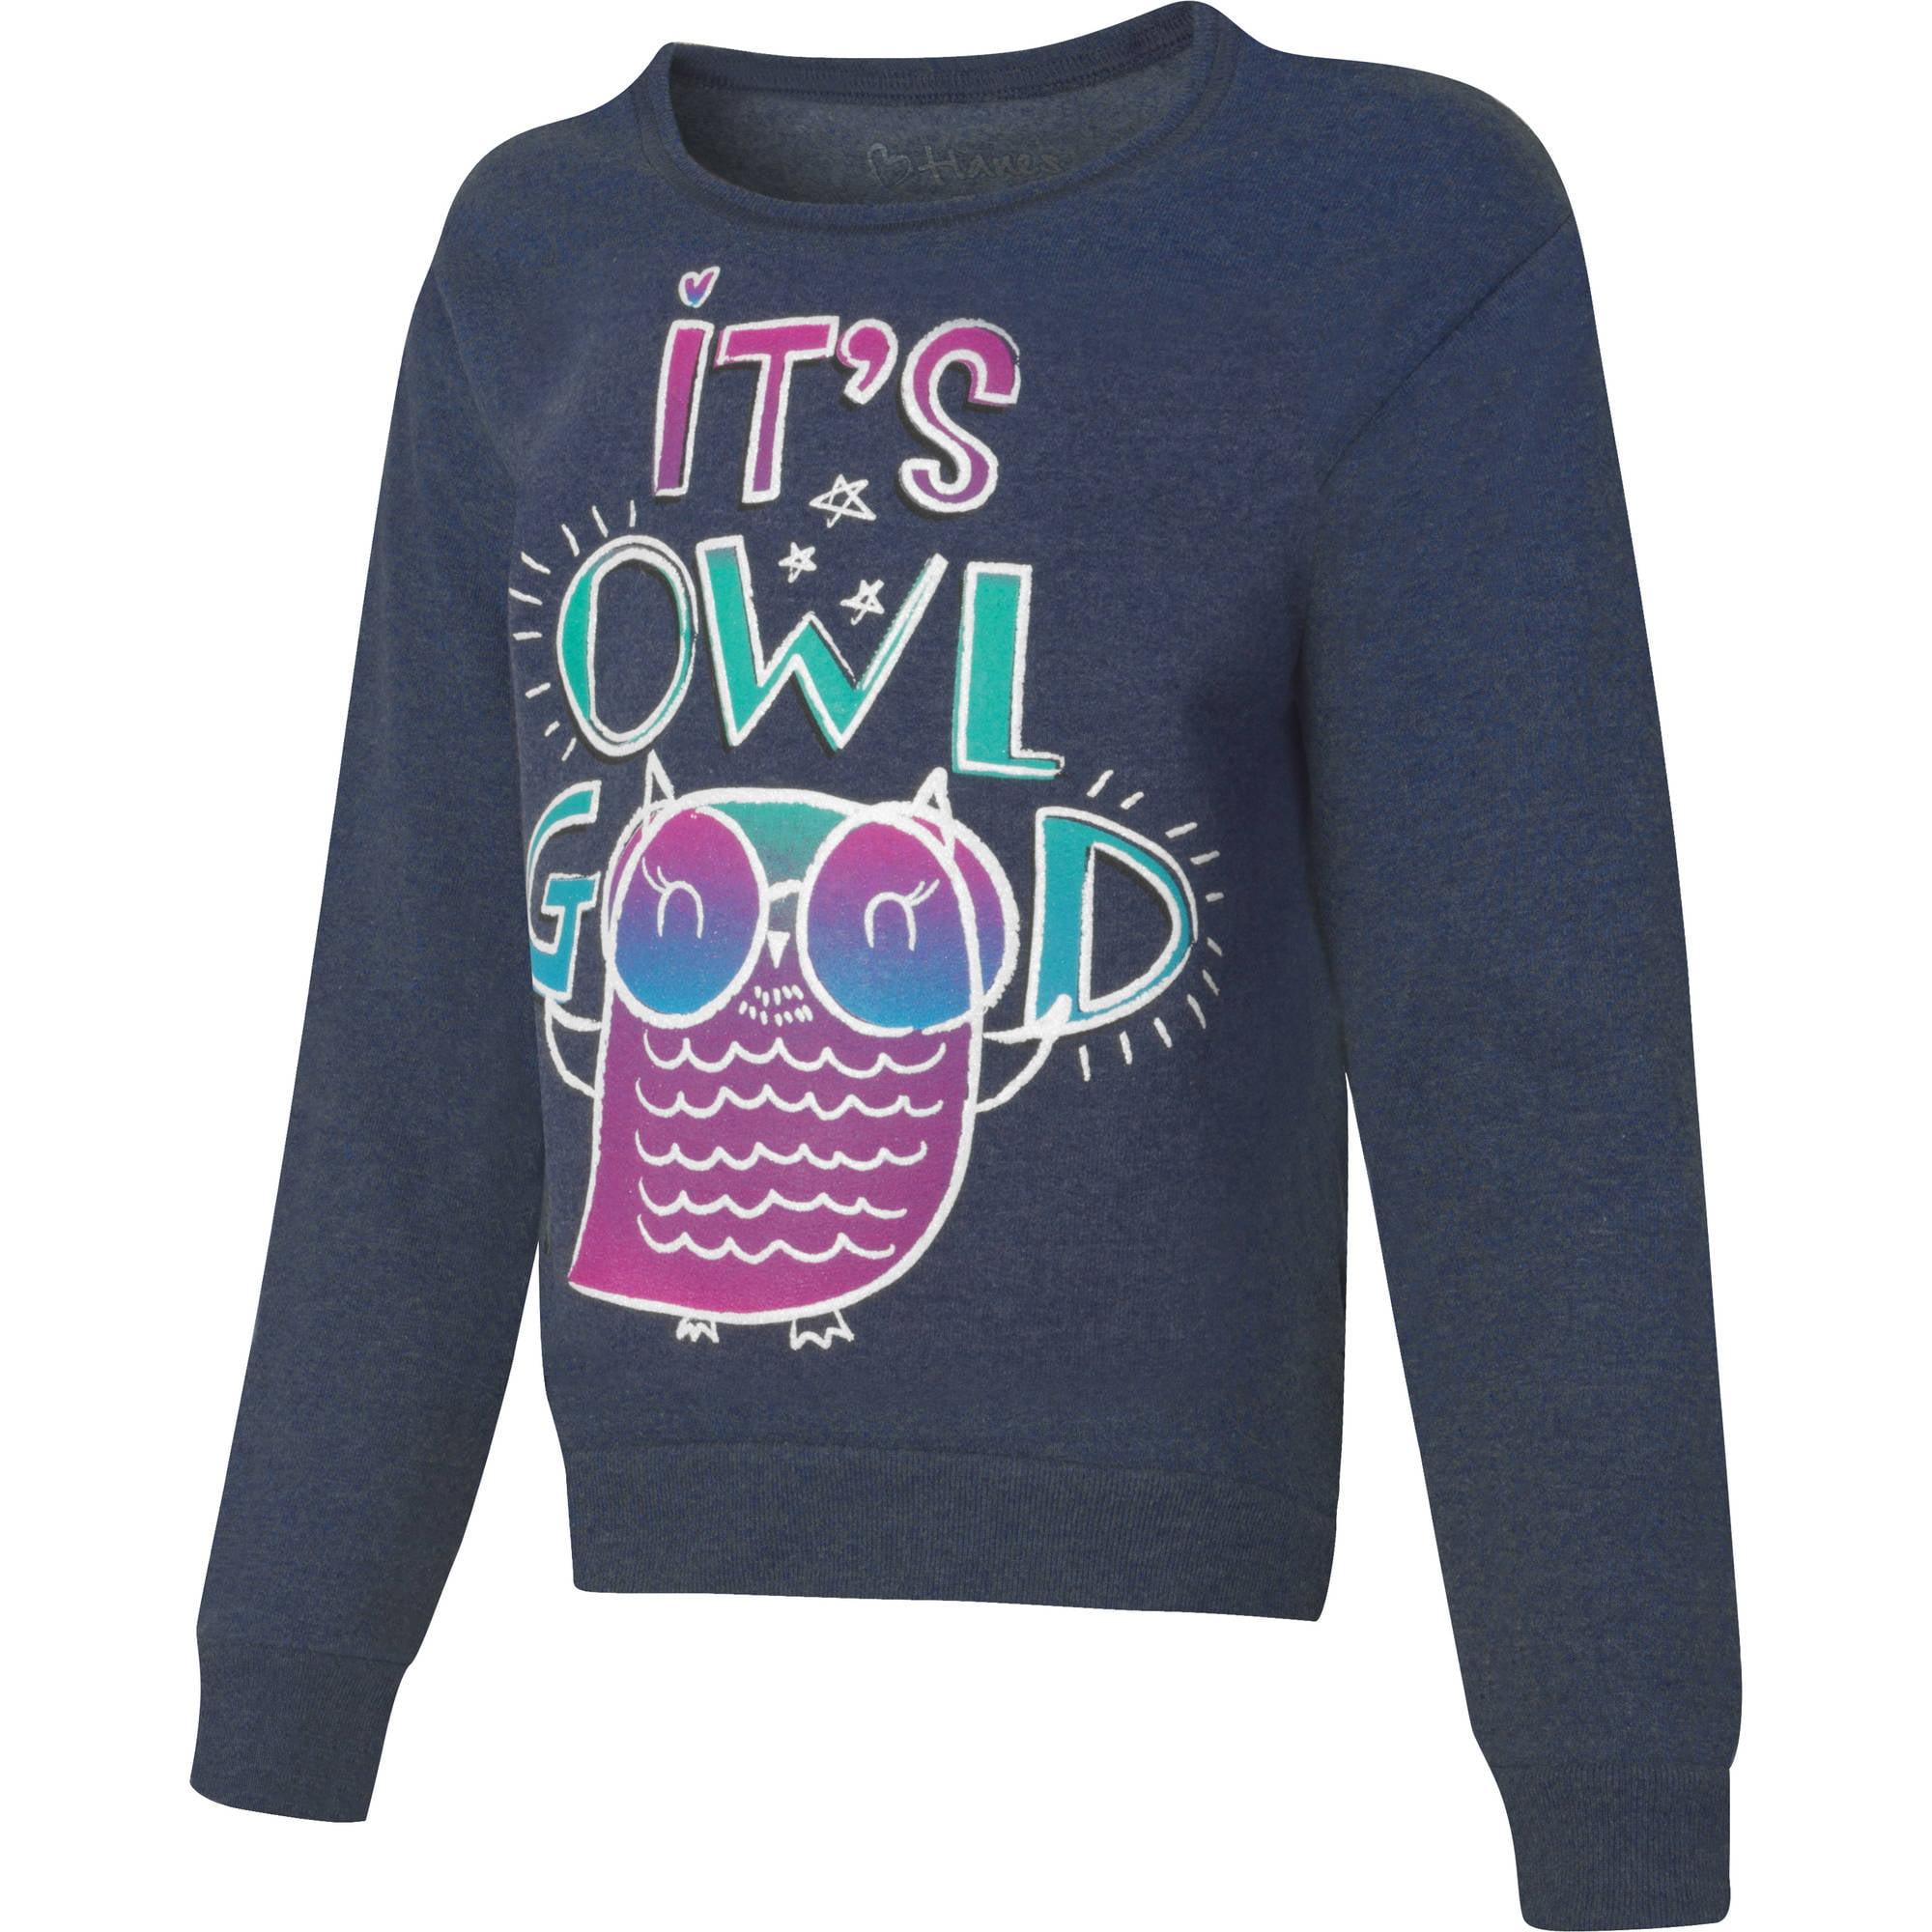 Hanes Girls' Printed Fleece Sweatshirt